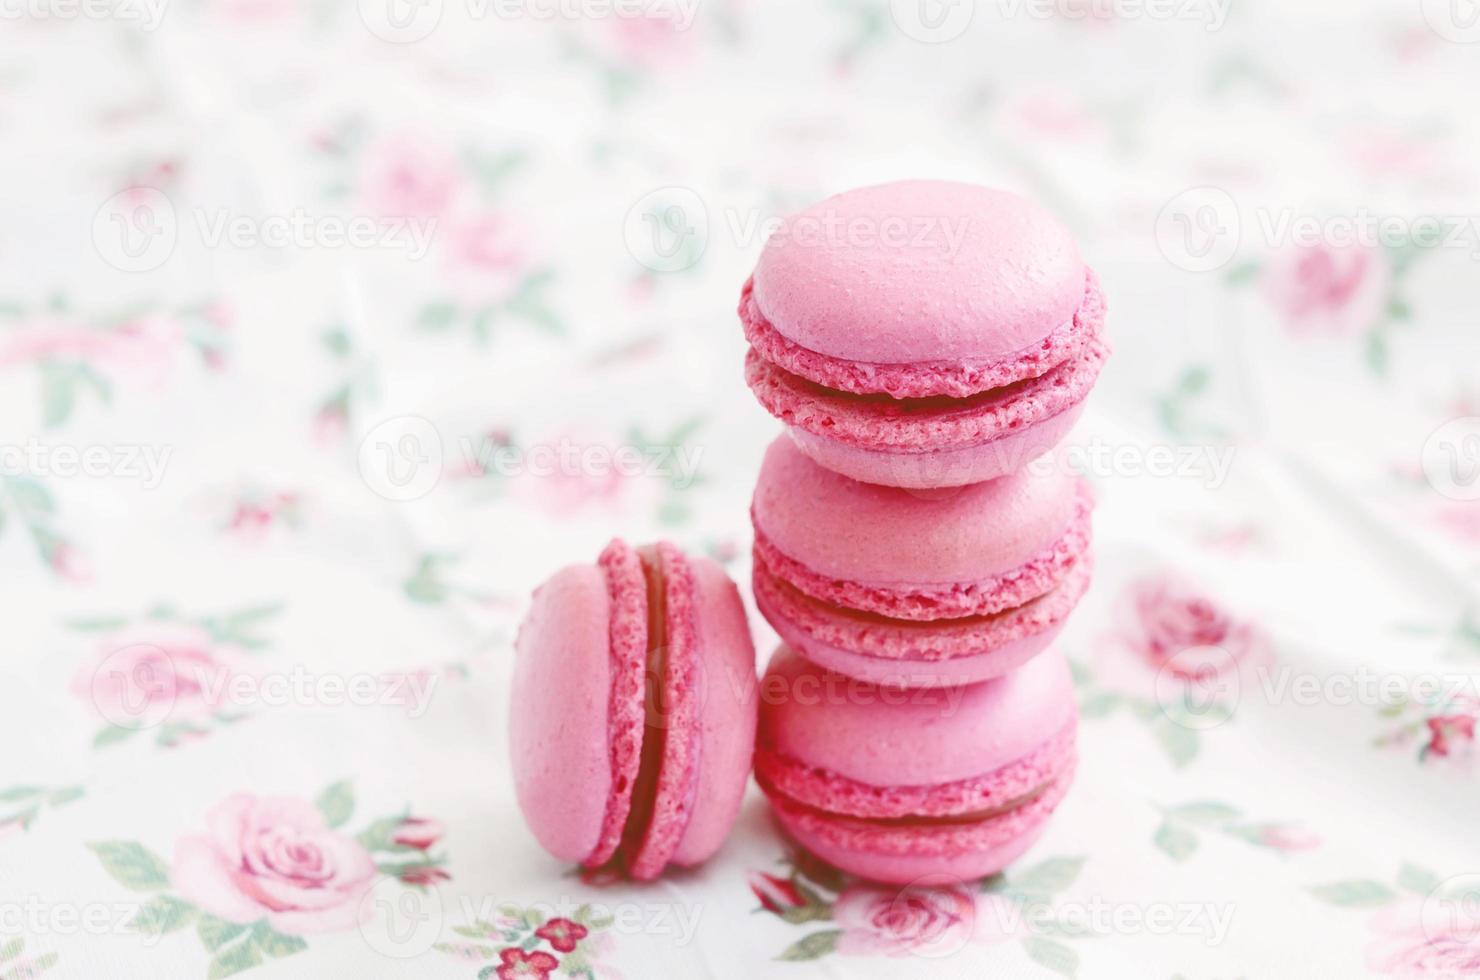 French cherry macaroon dessert photo